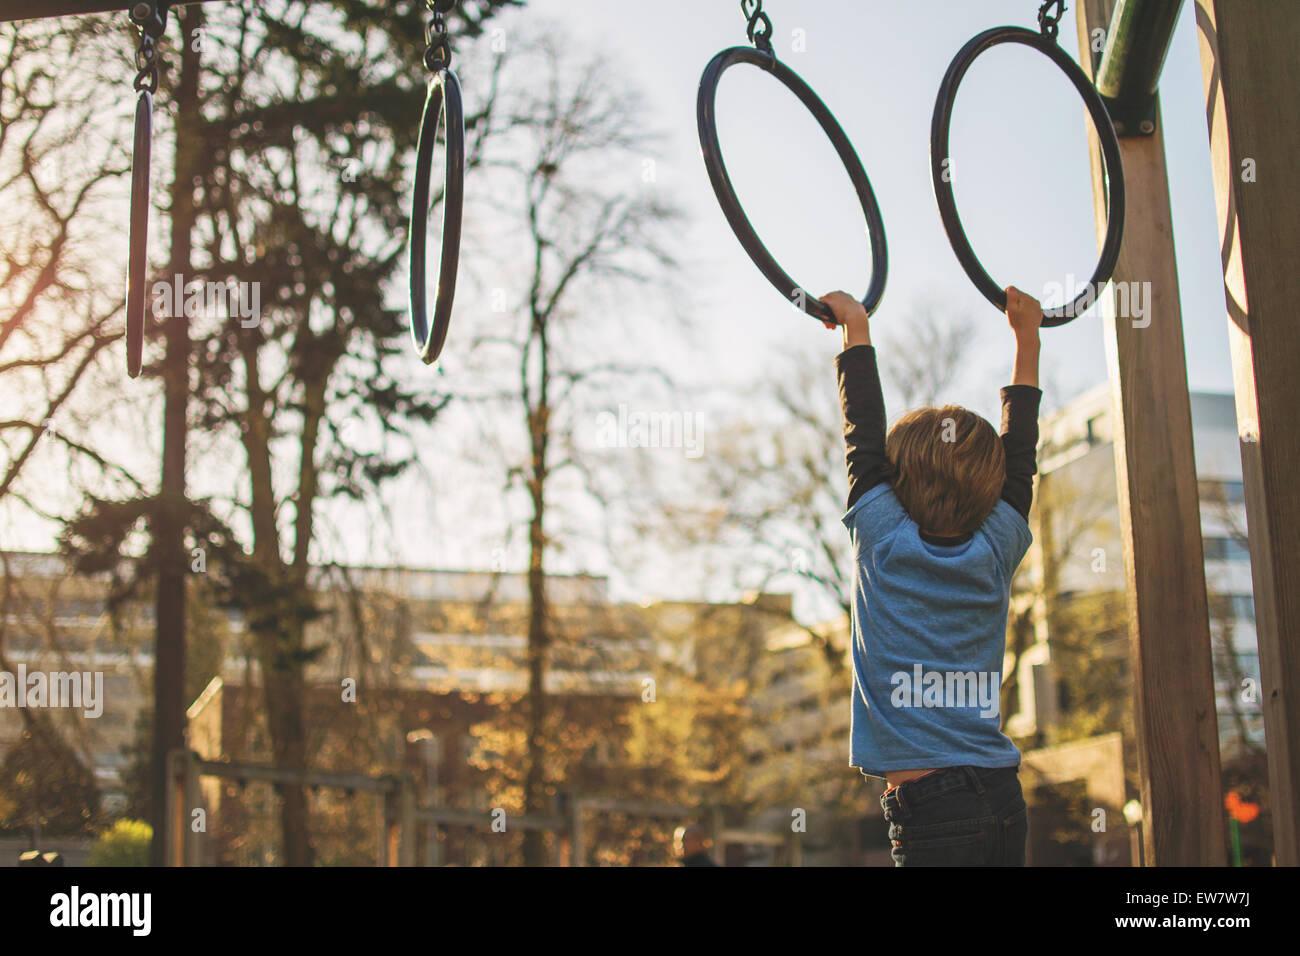 Boy hanging from sonne au jeu pour enfants Photo Stock